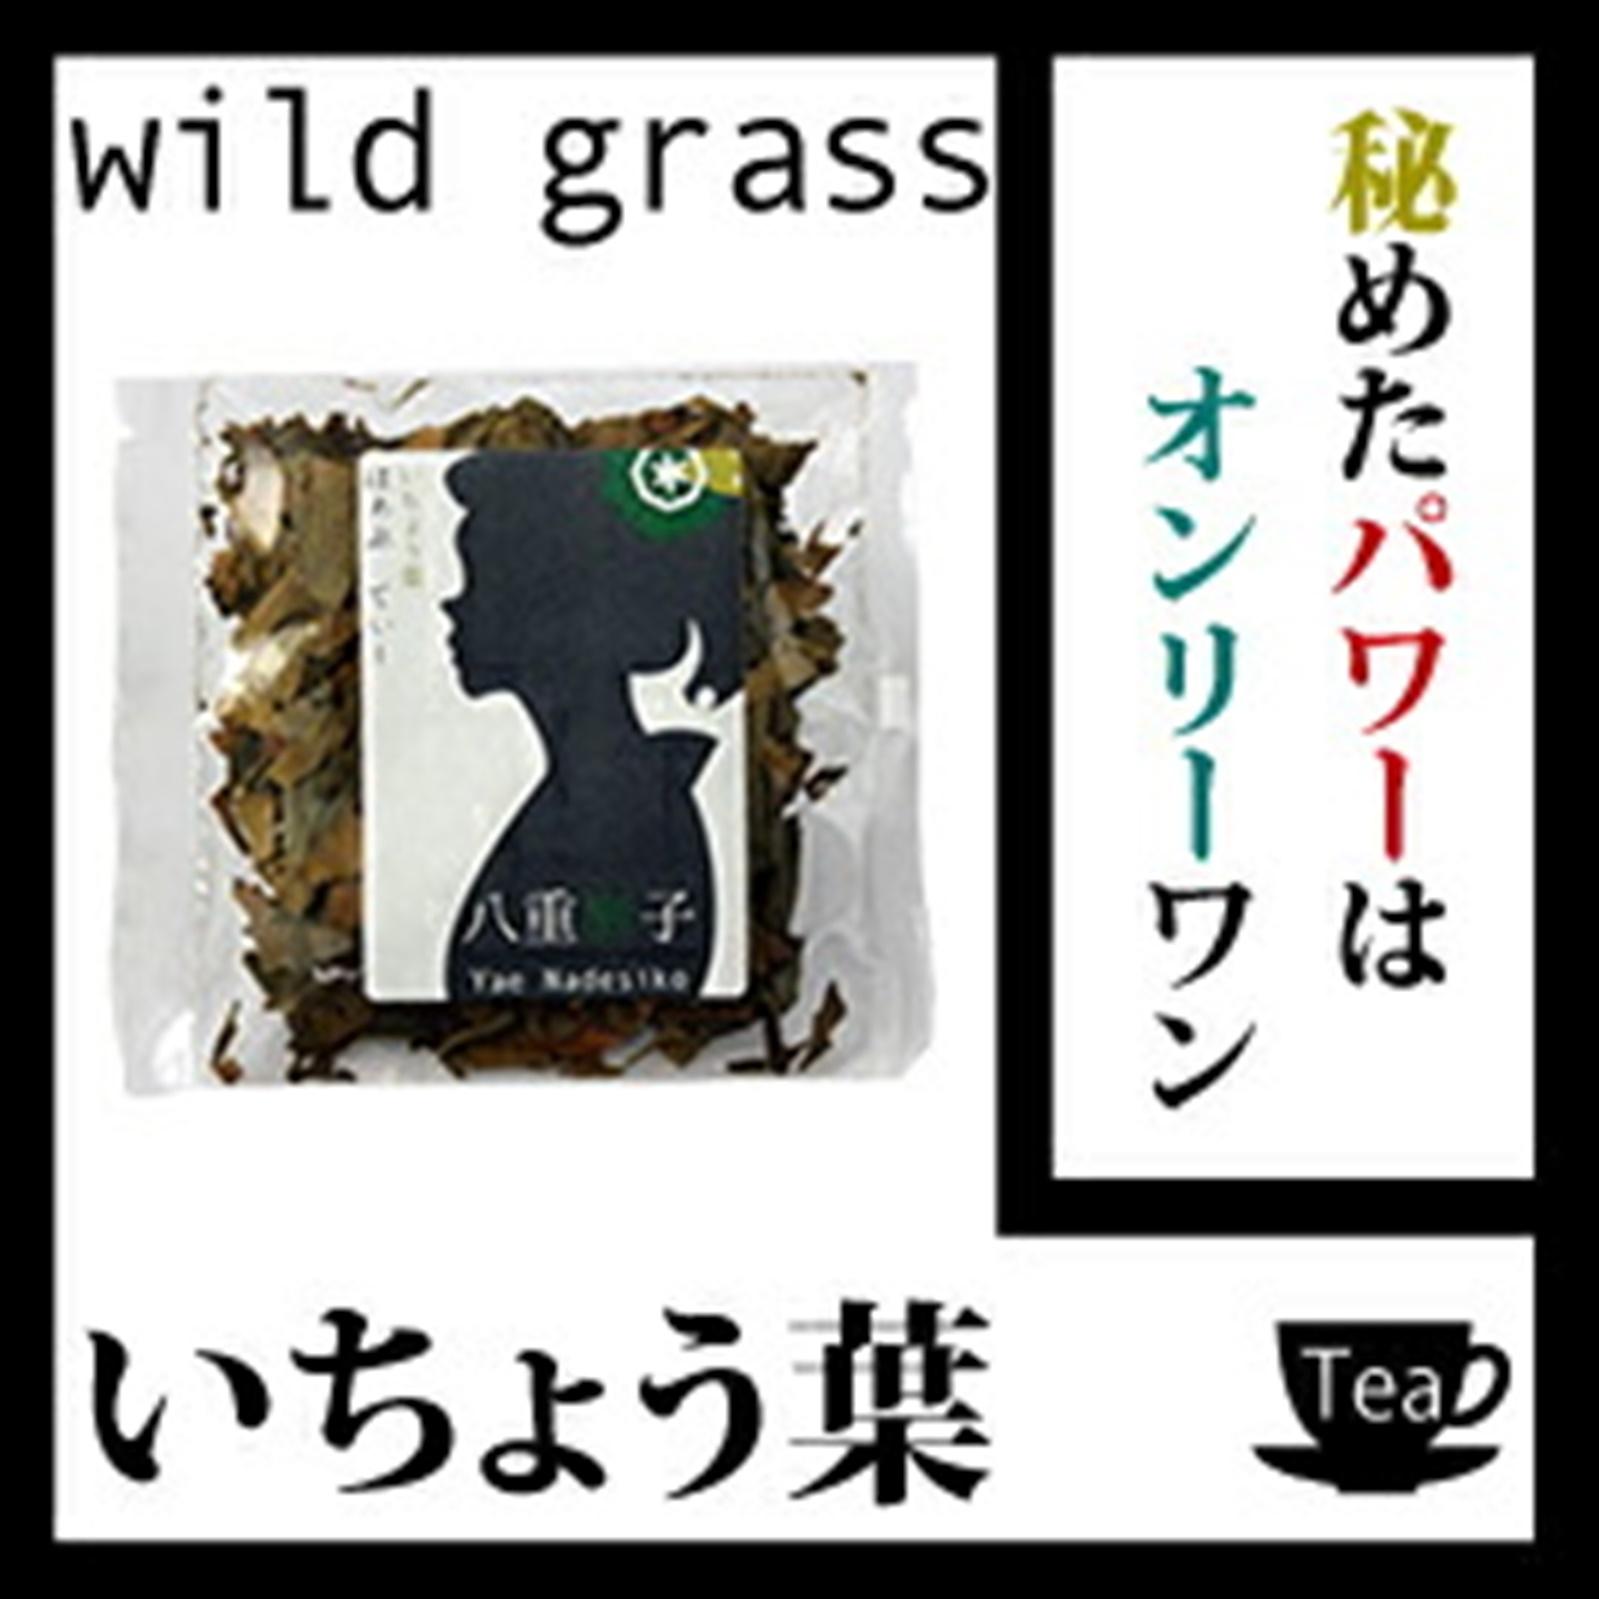 銀杏茶100g 秘めたパワーはオンリーワン!【健康】【健康茶/お茶】いちょう OM